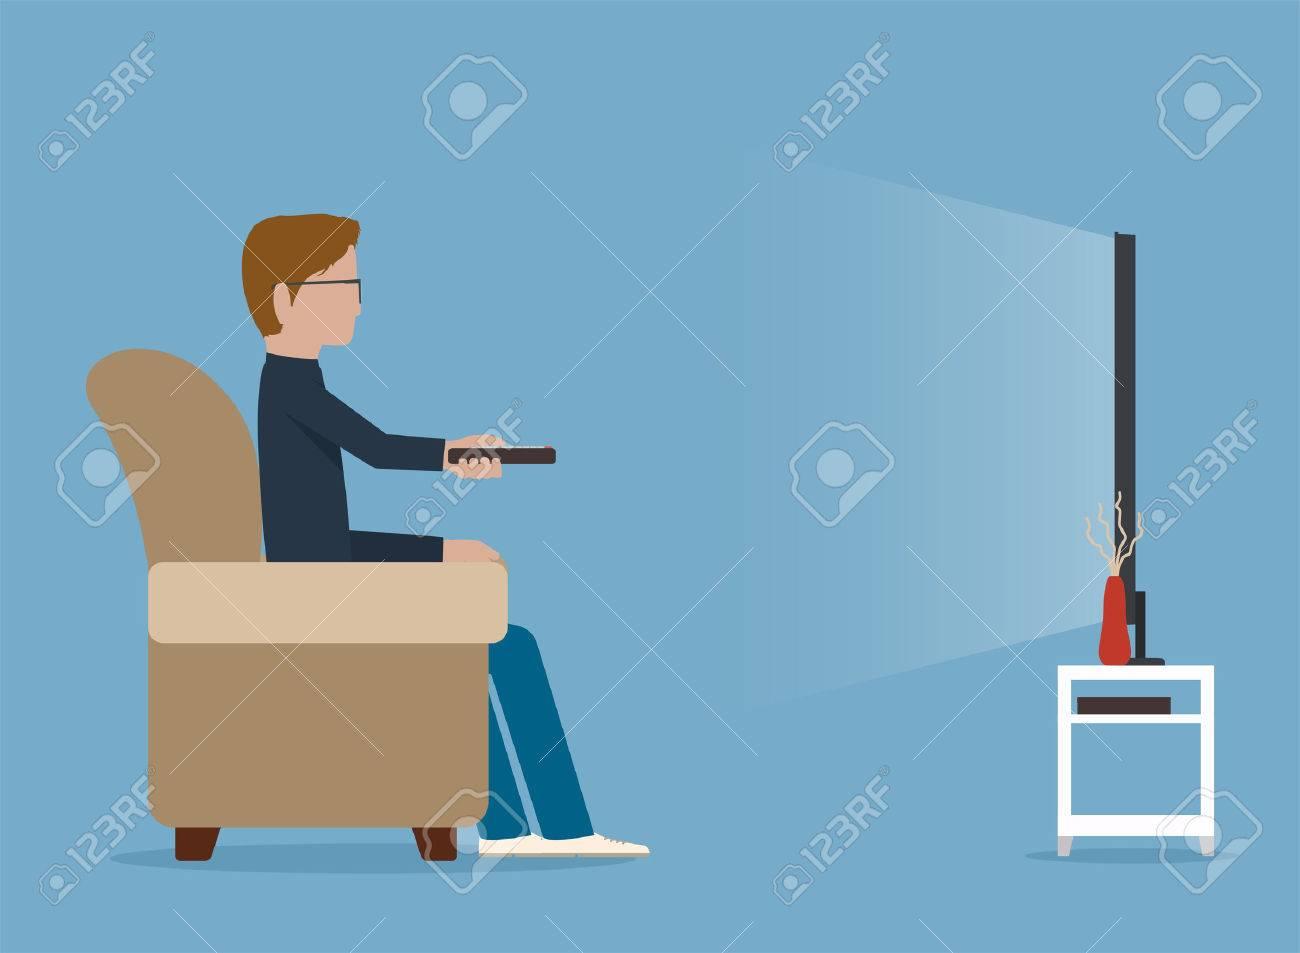 男がソファーでテレビを見る ロイヤリティフリークリップアート